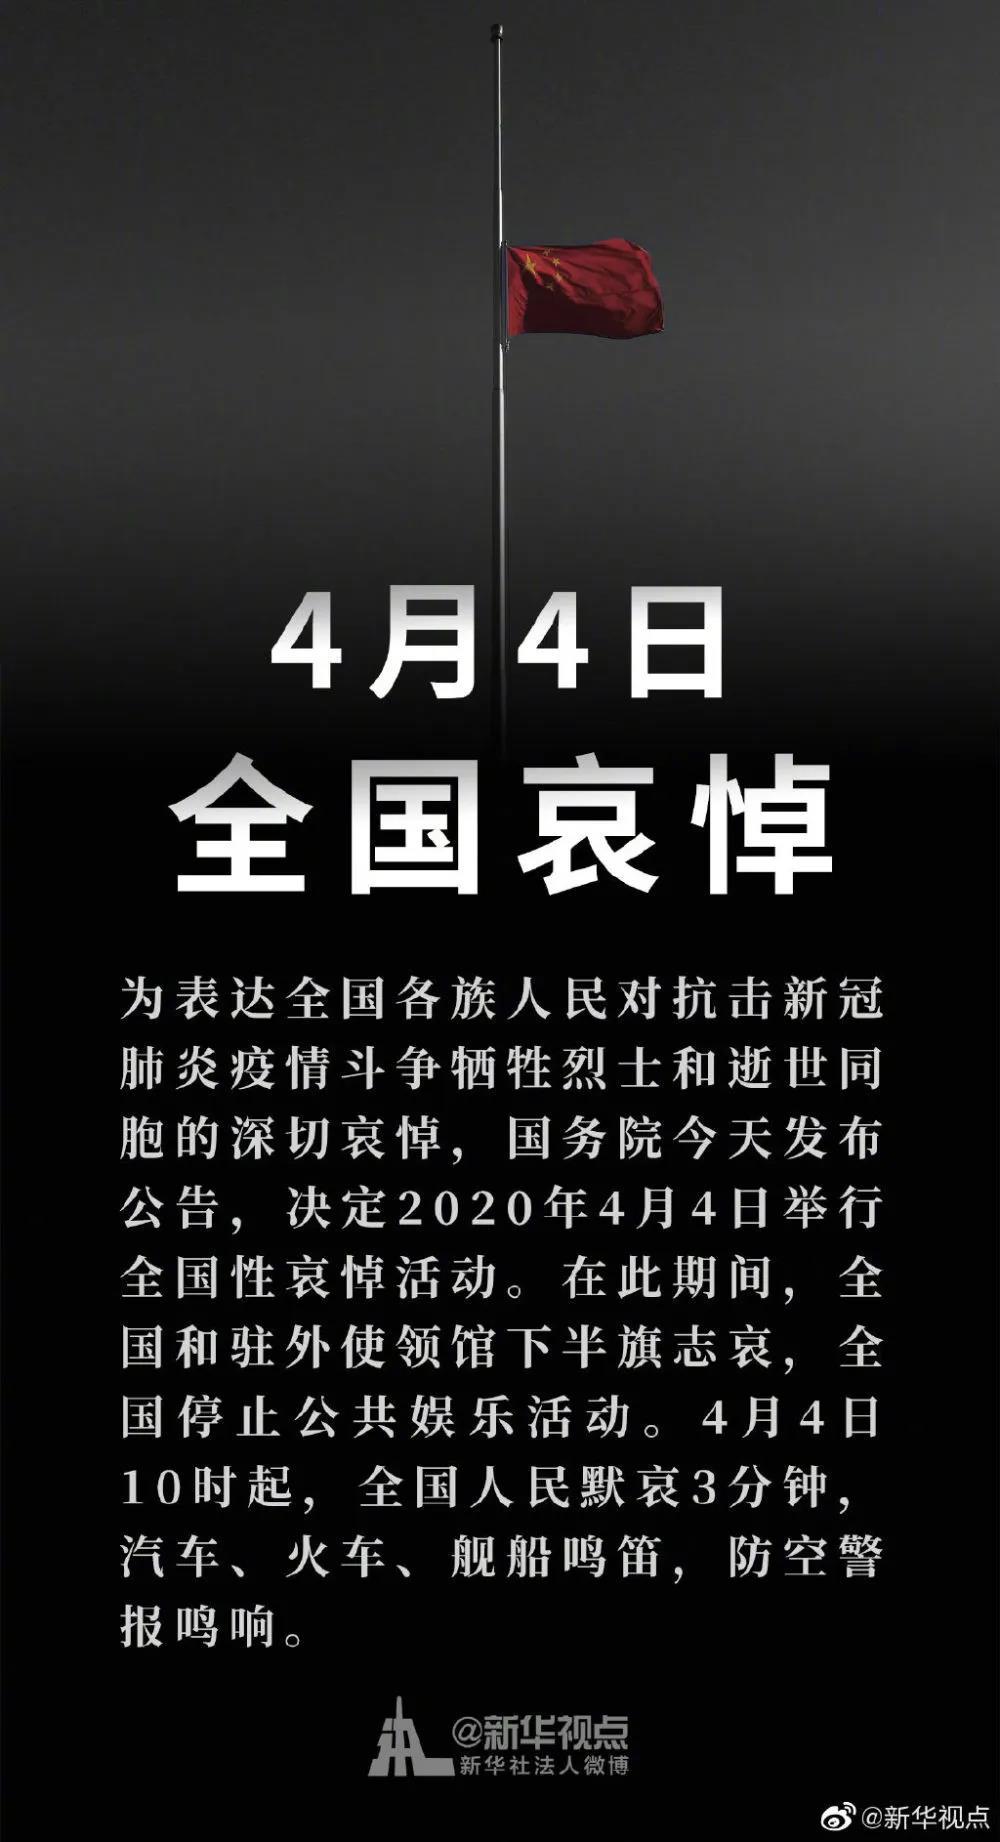 國務院公告(gao)︰2020年04月04日舉行全國性哀悼活動